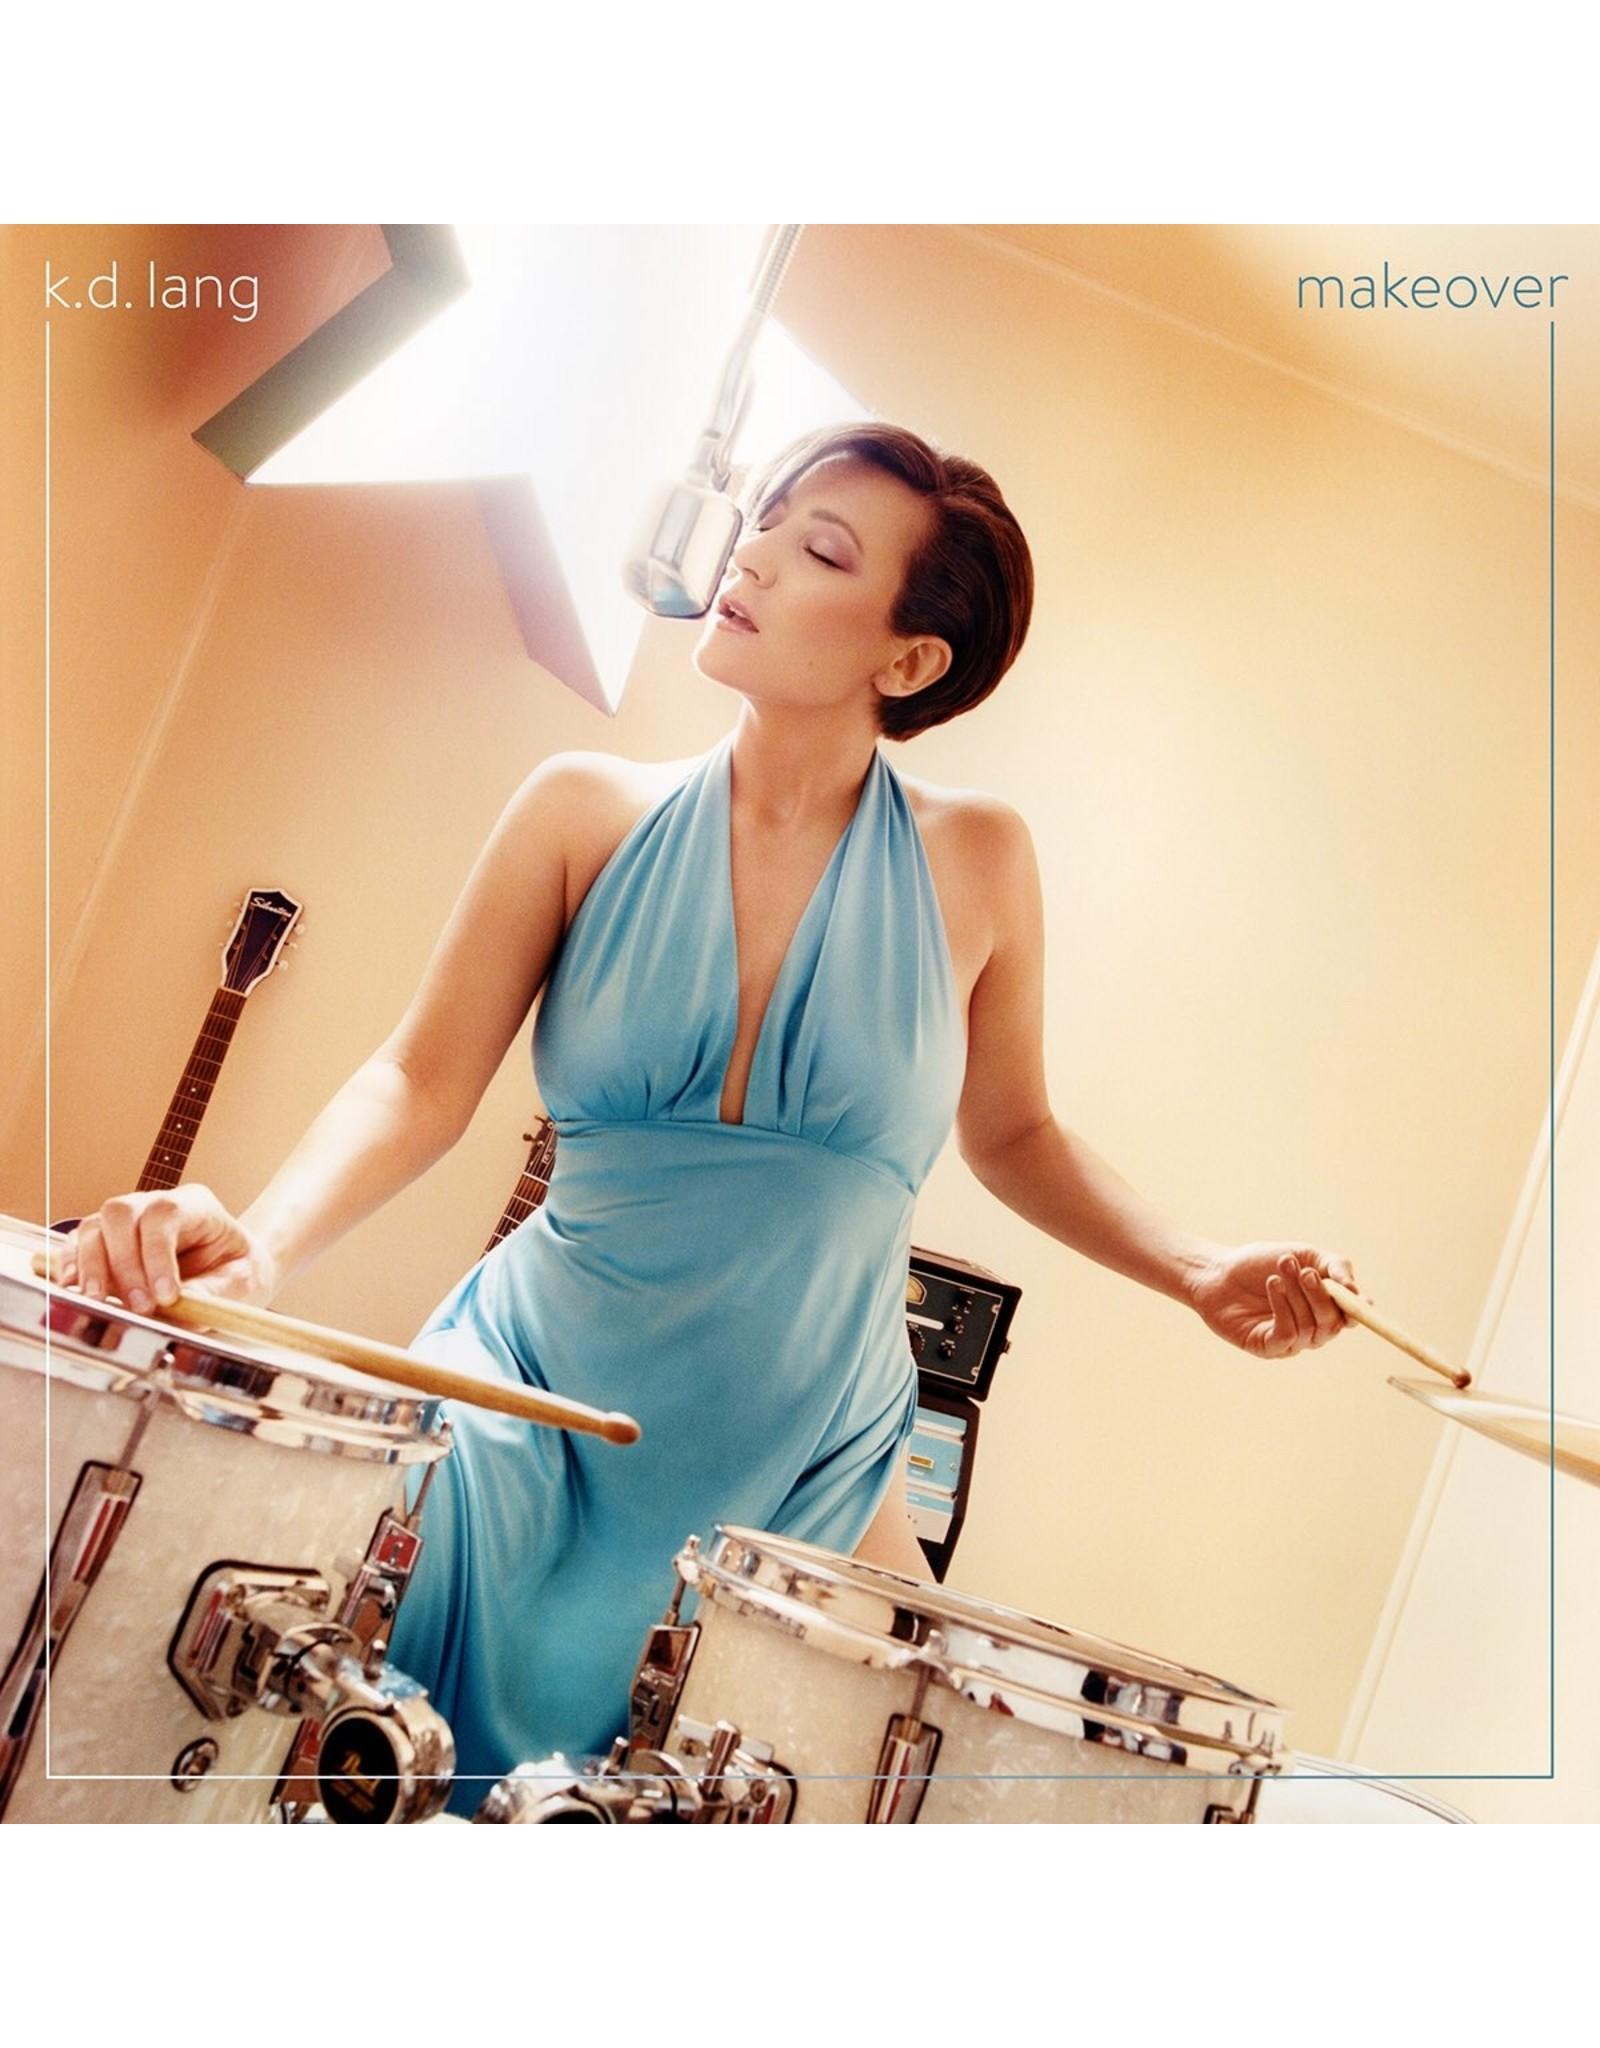 k.d. lang - Makeover (Transparent Turquoise Vinyl)